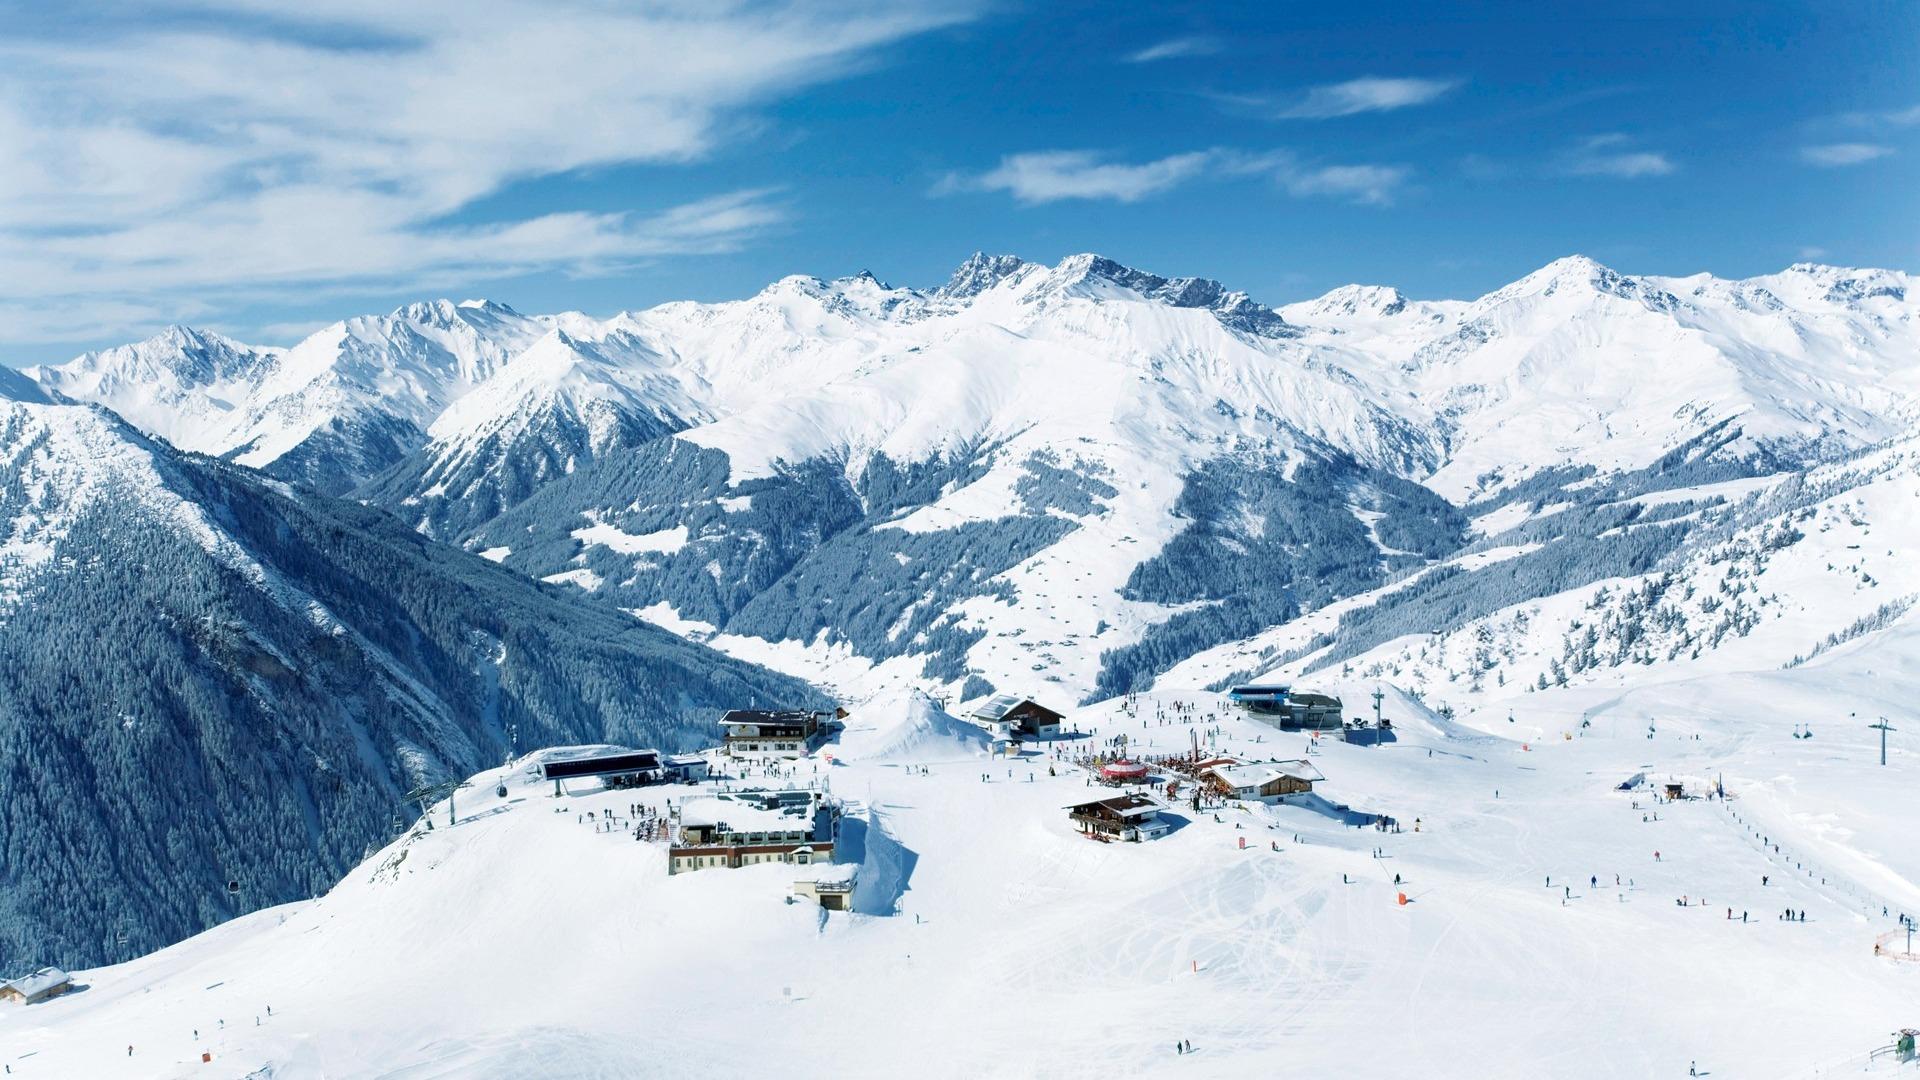 Ski slope wallpaper wallpapersafari - Ski wallpaper ...